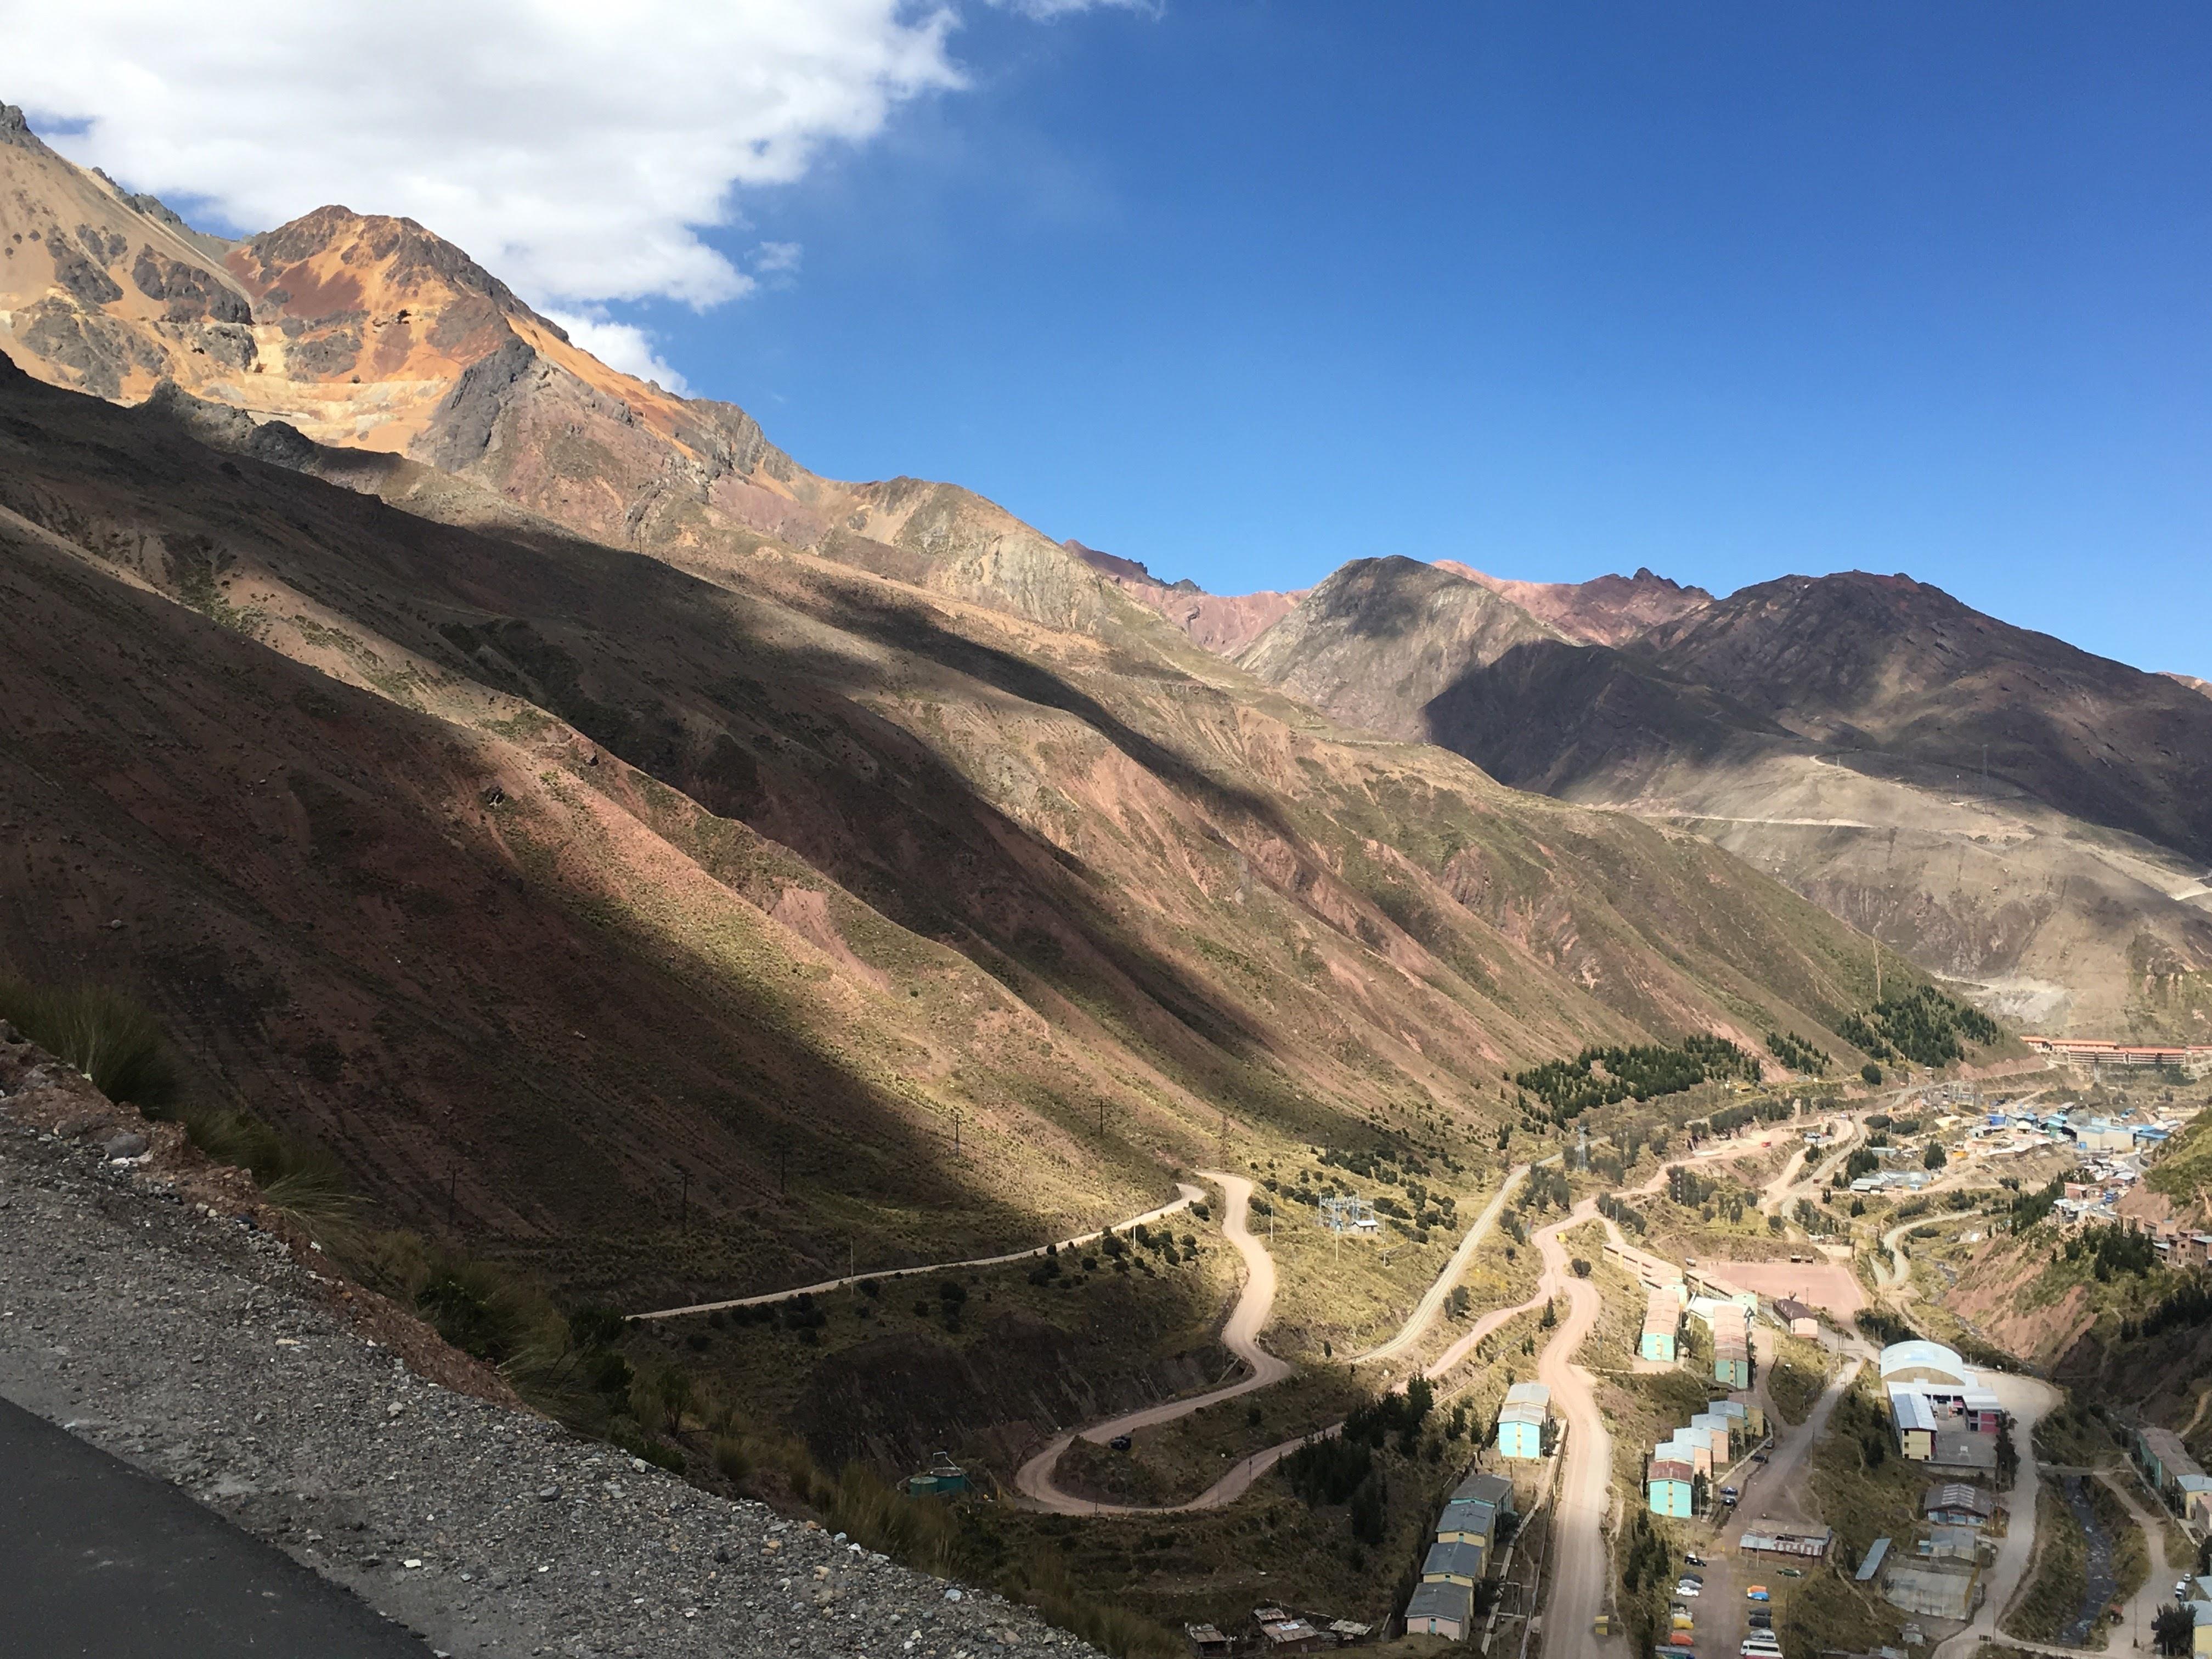 Mining Peru